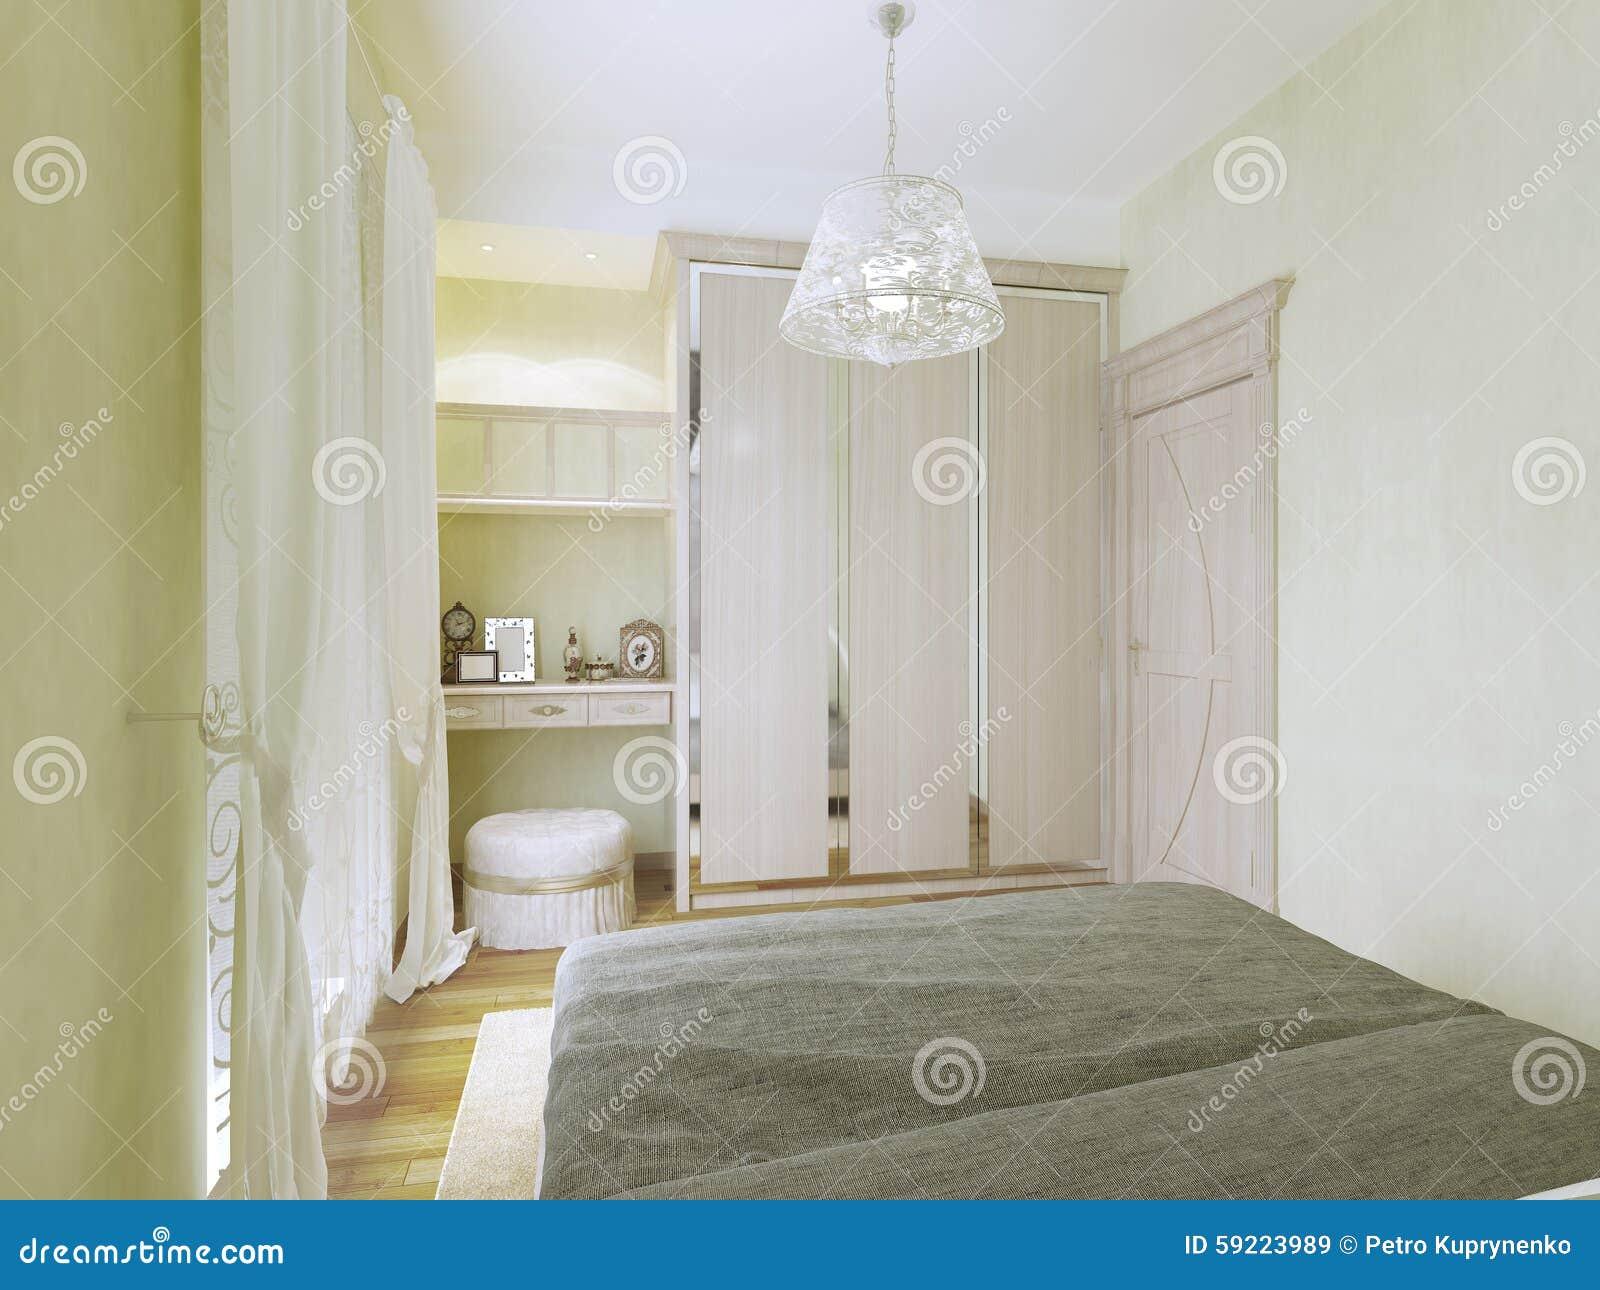 Idee deco chambre ado for Tendance chambre a coucher